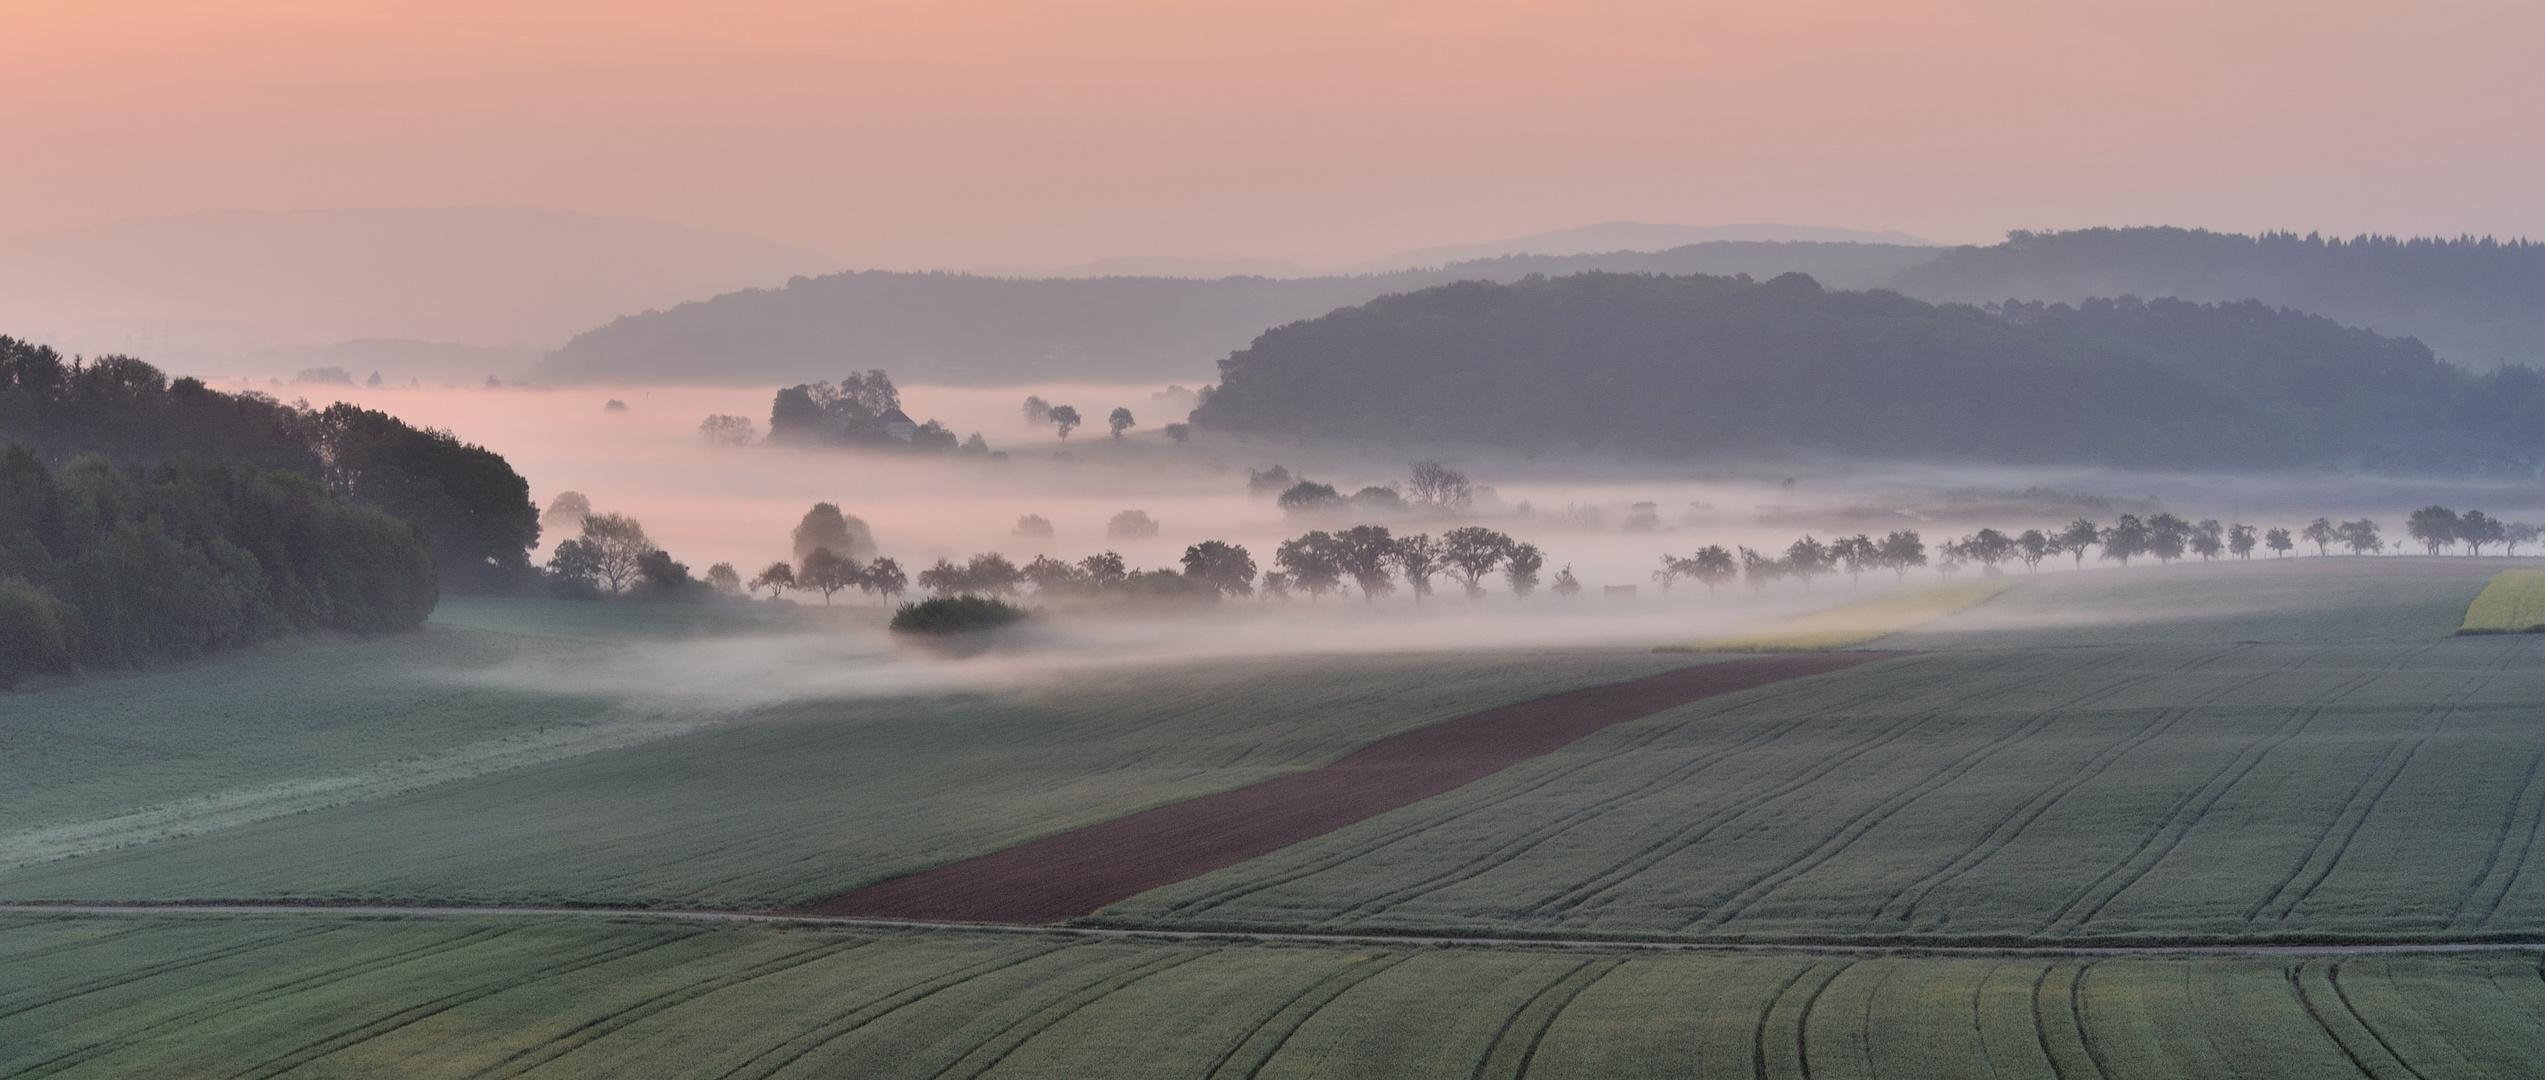 *Frühling im Tal der Morgennebel*